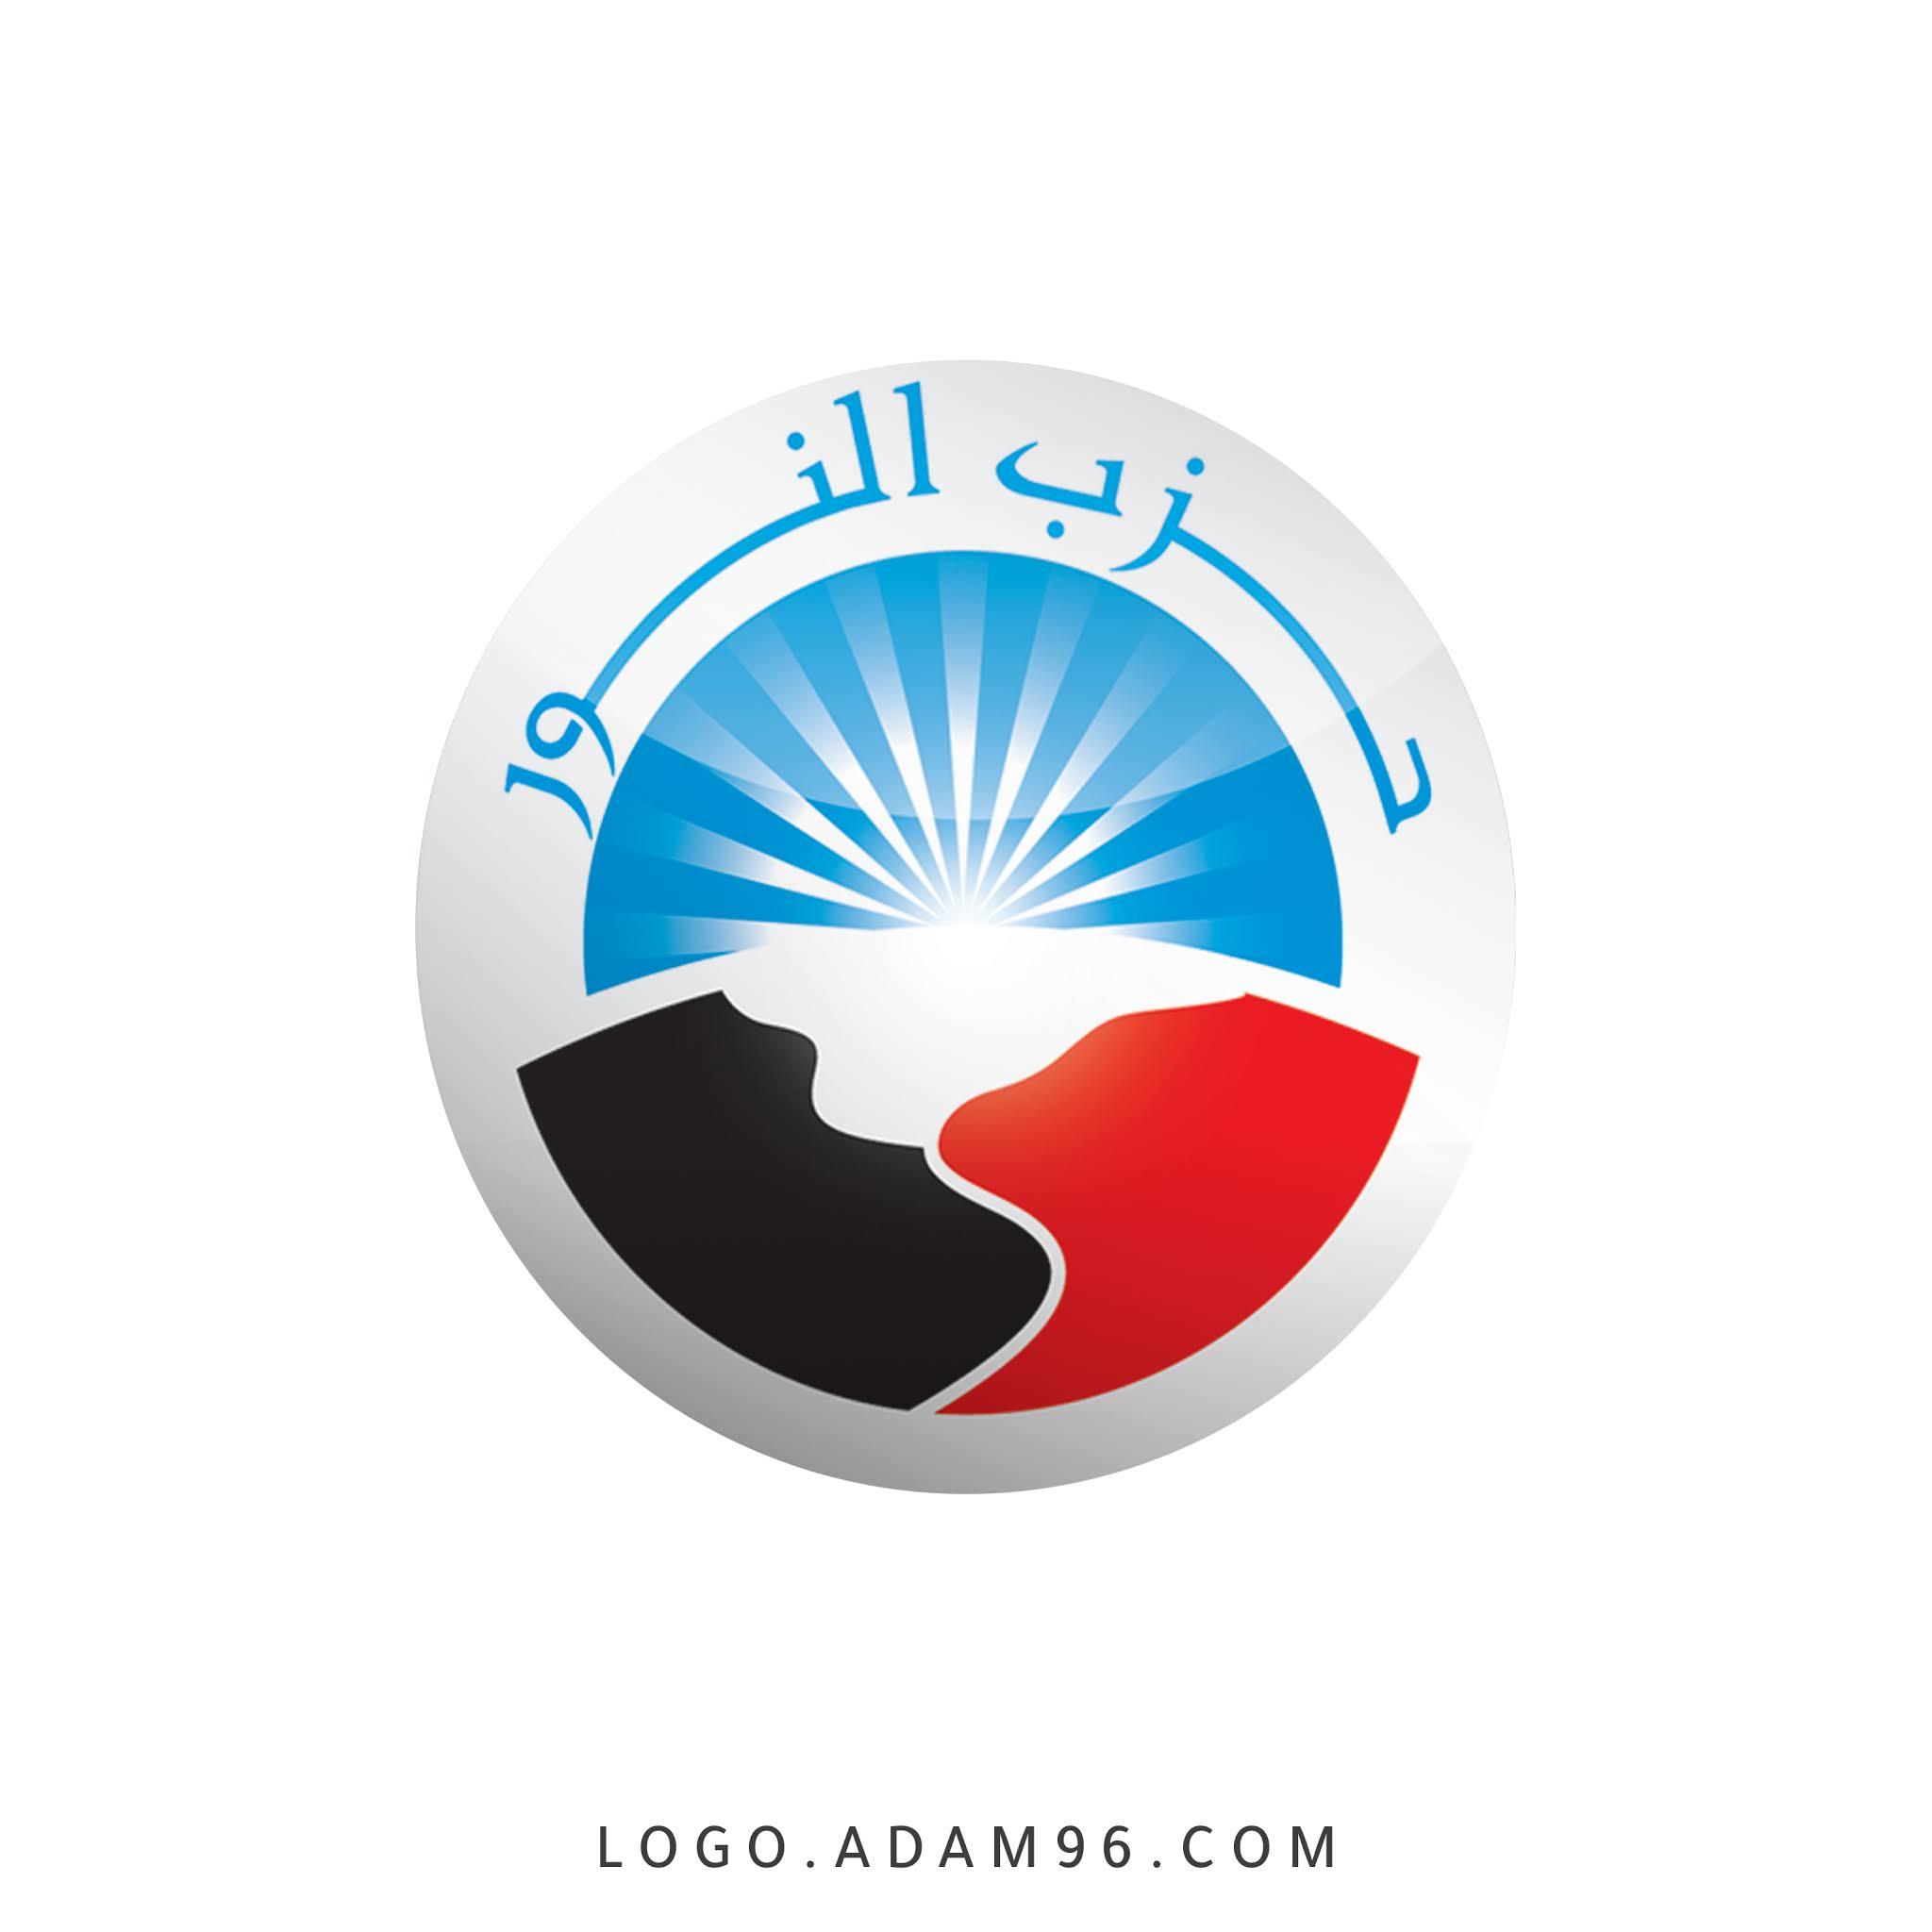 تحميل شعار حزب النور المصري لوجو عالي الجودة بصيغة PNG